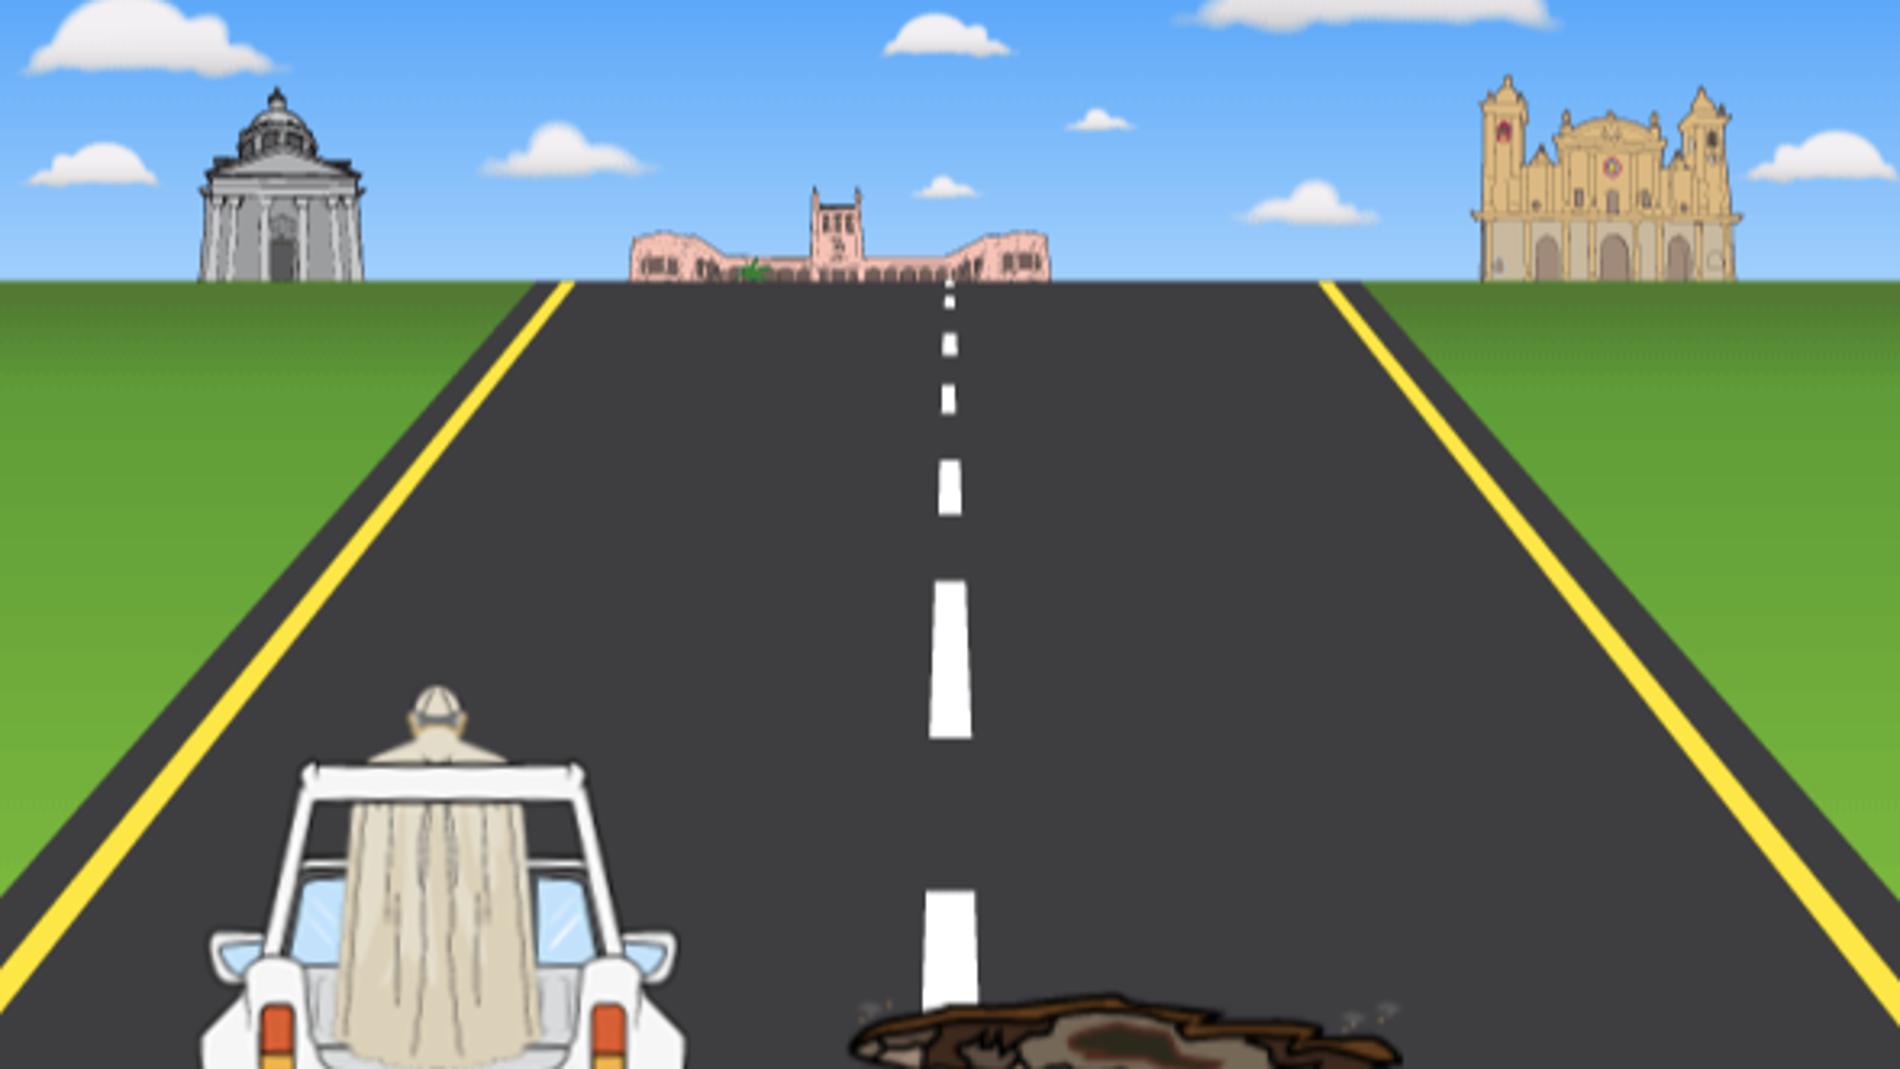 Captura del juego 'Papa road'